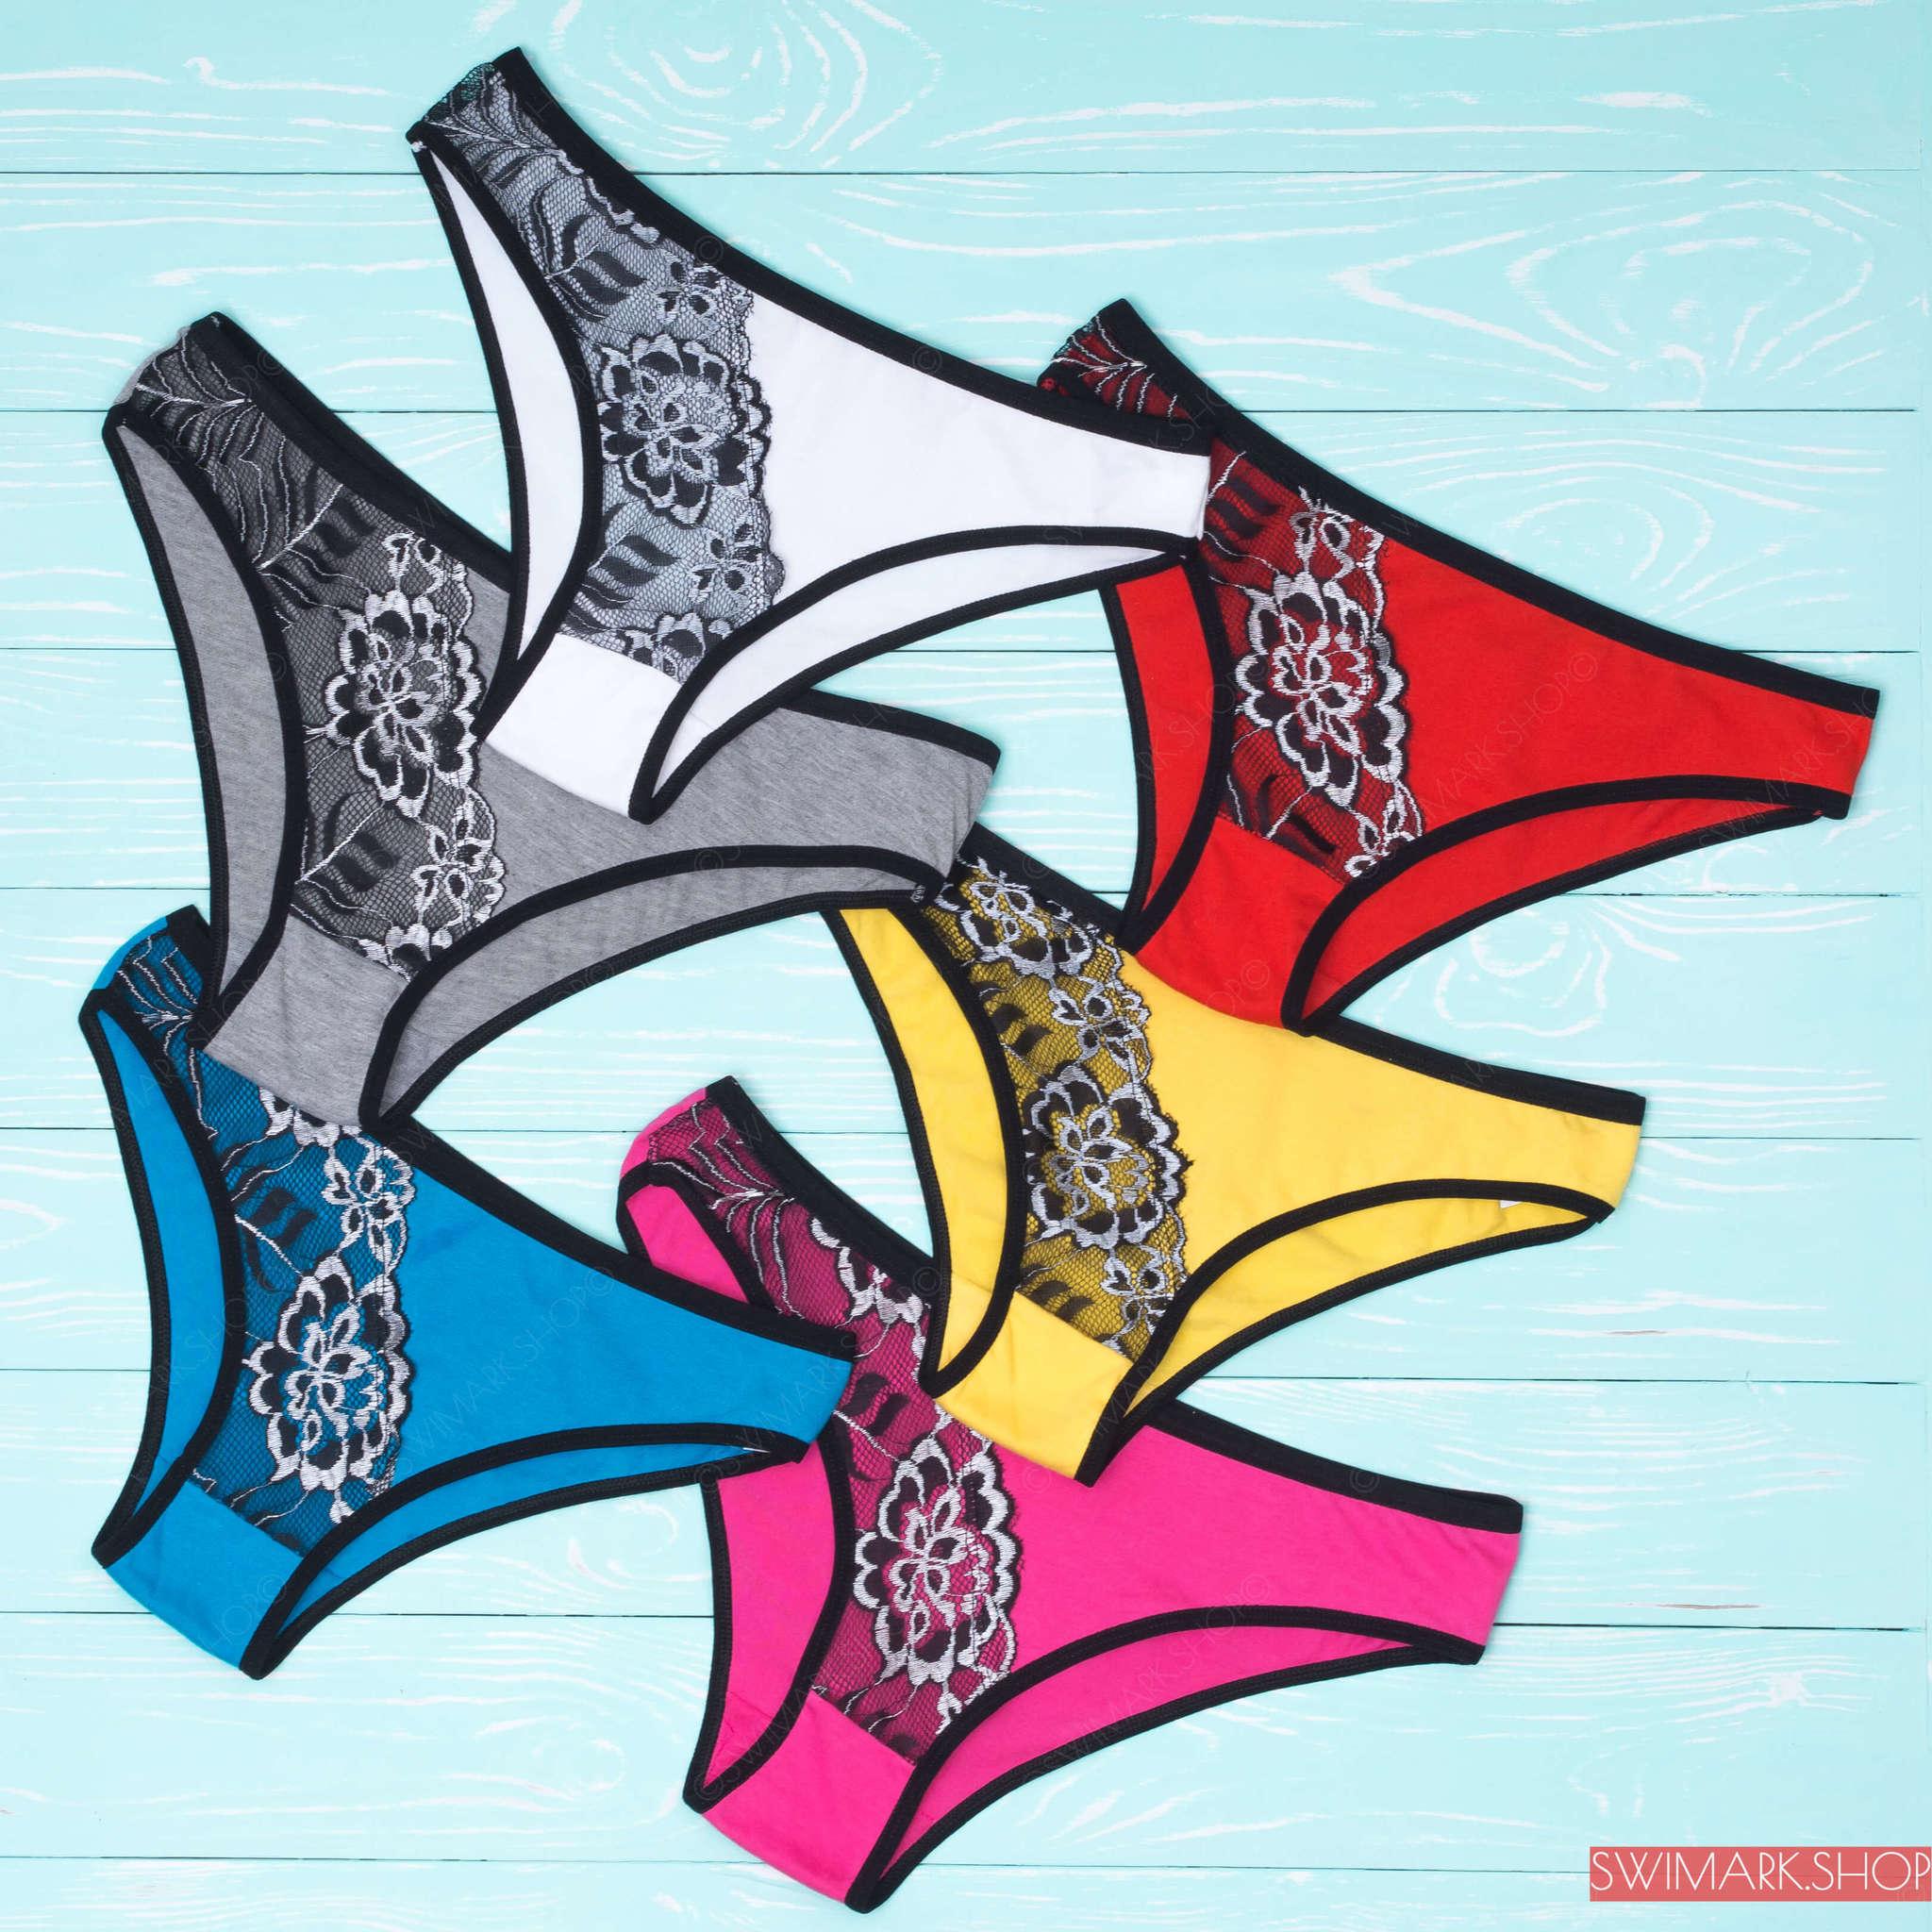 Трусики женские 2039, 2 шт. в упаковке swimark.shop10009.jpg